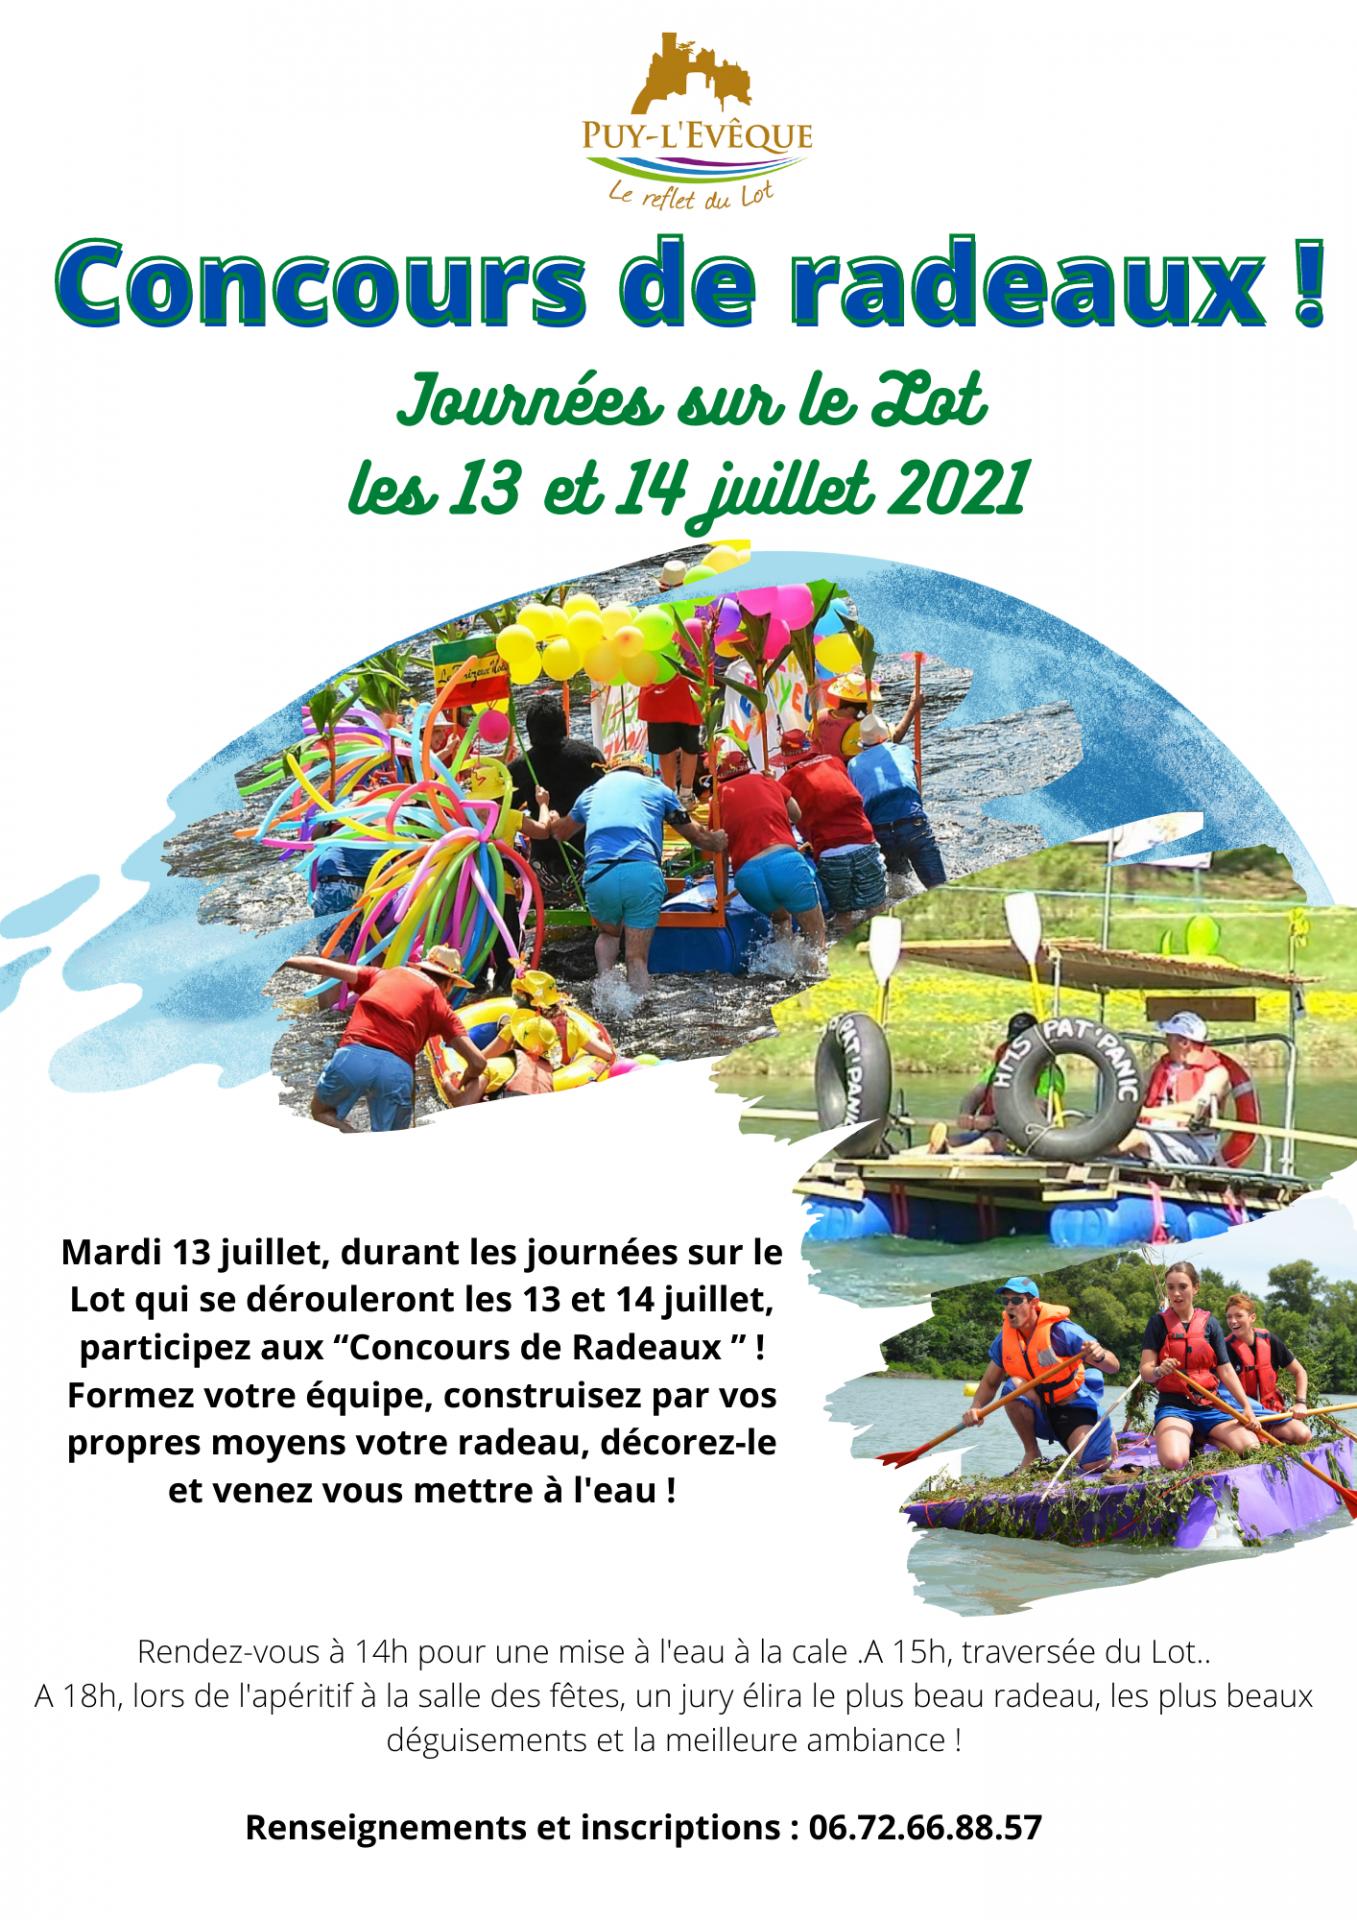 CONCOURS DE RADEAUX